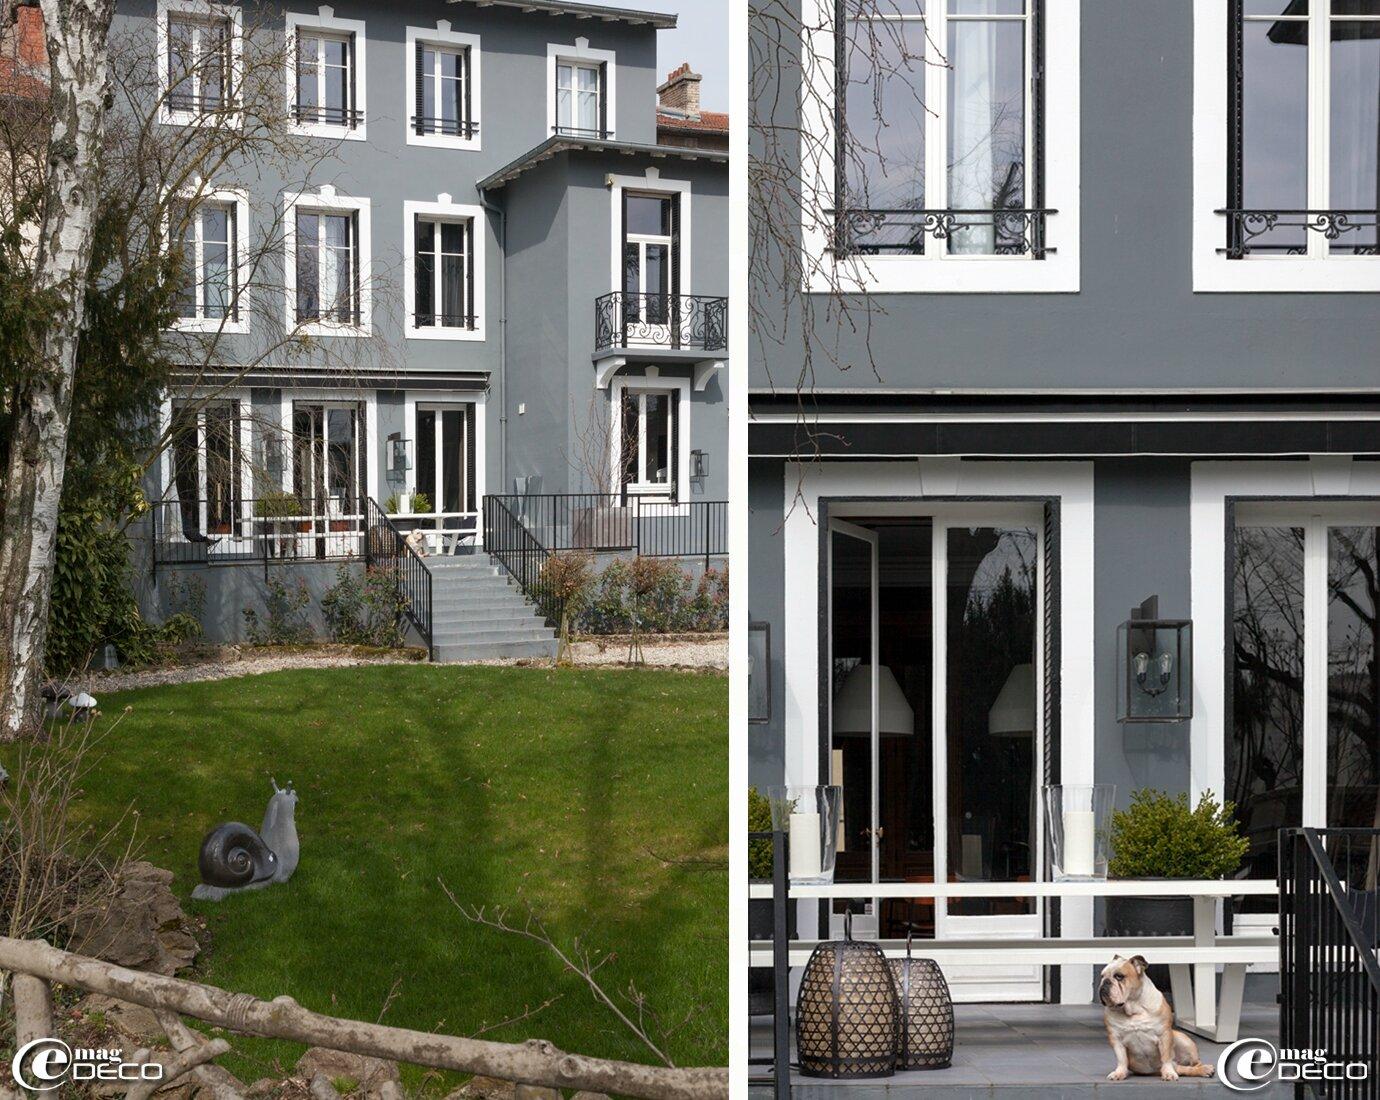 El 39 lef bien page 90 el 39 lef bien for Peinture facade maison grise